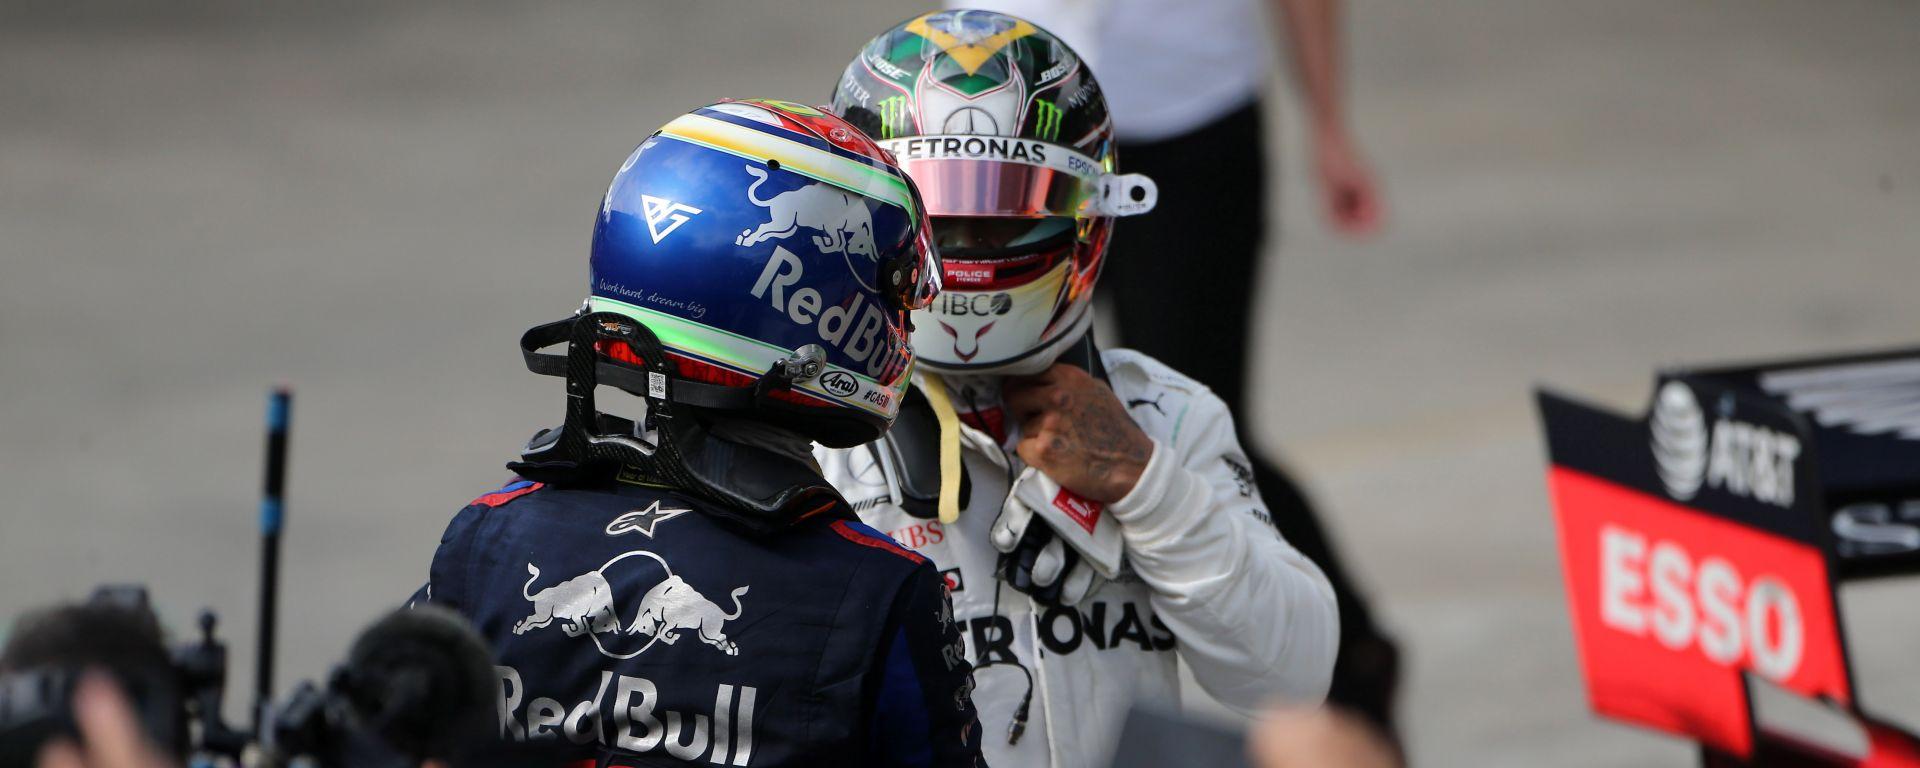 F1, GP Brasile 2019: Lewis Hamilton (Mercedes) si chiarisce con Alex Albon (Red Bull)